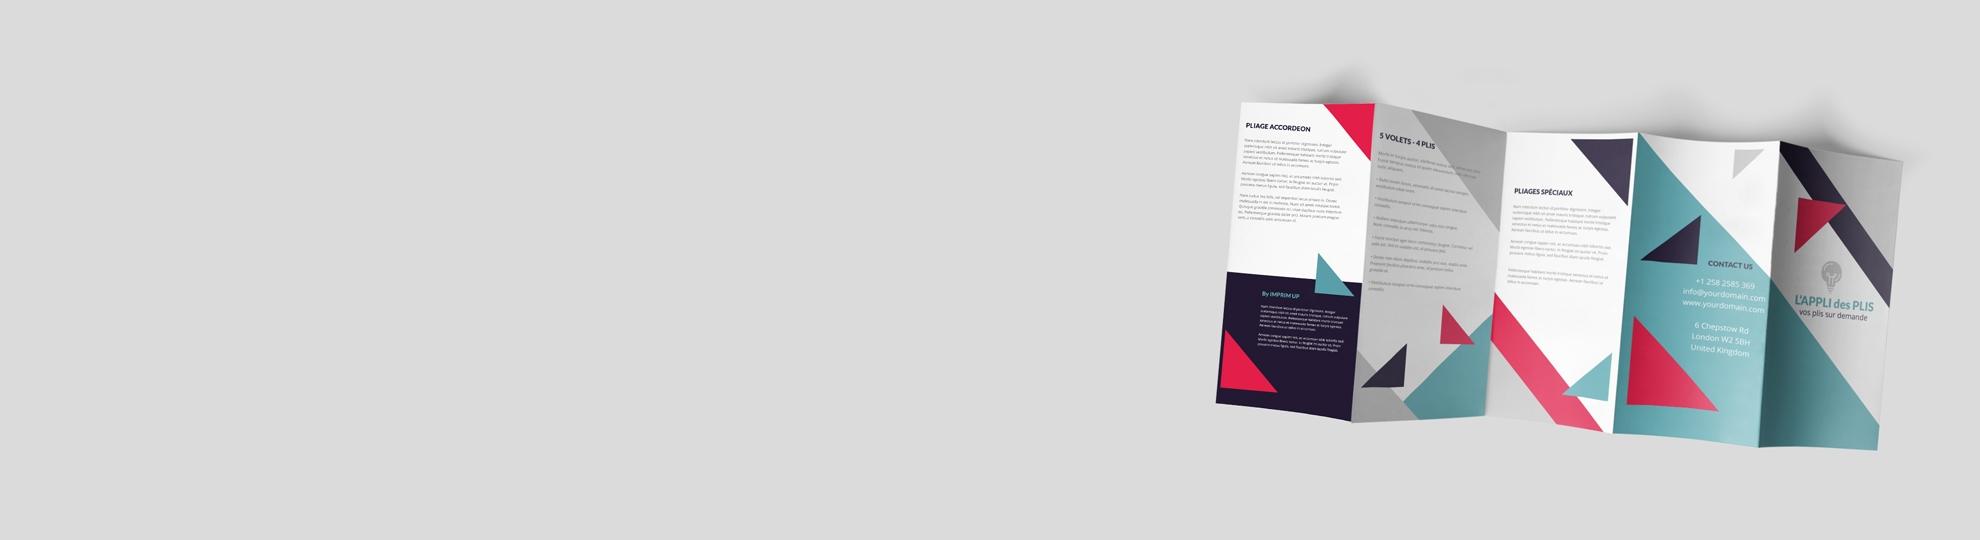 Imprimer dépliant publicitaire plis spéciaux accordéon 5 volets